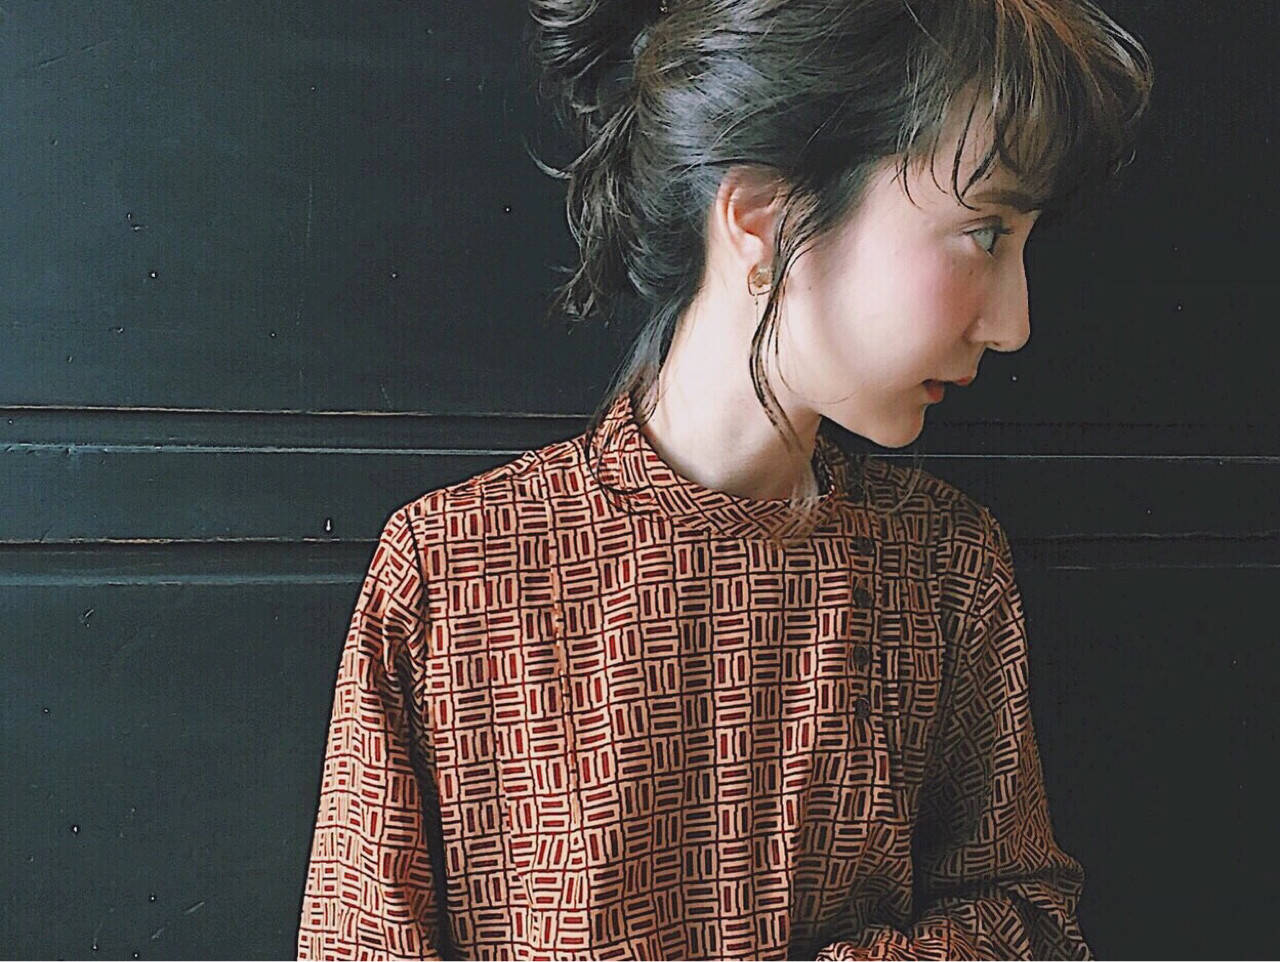 前髪あり 大人女子 ミディアム 簡単ヘアアレンジヘアスタイルや髪型の写真・画像